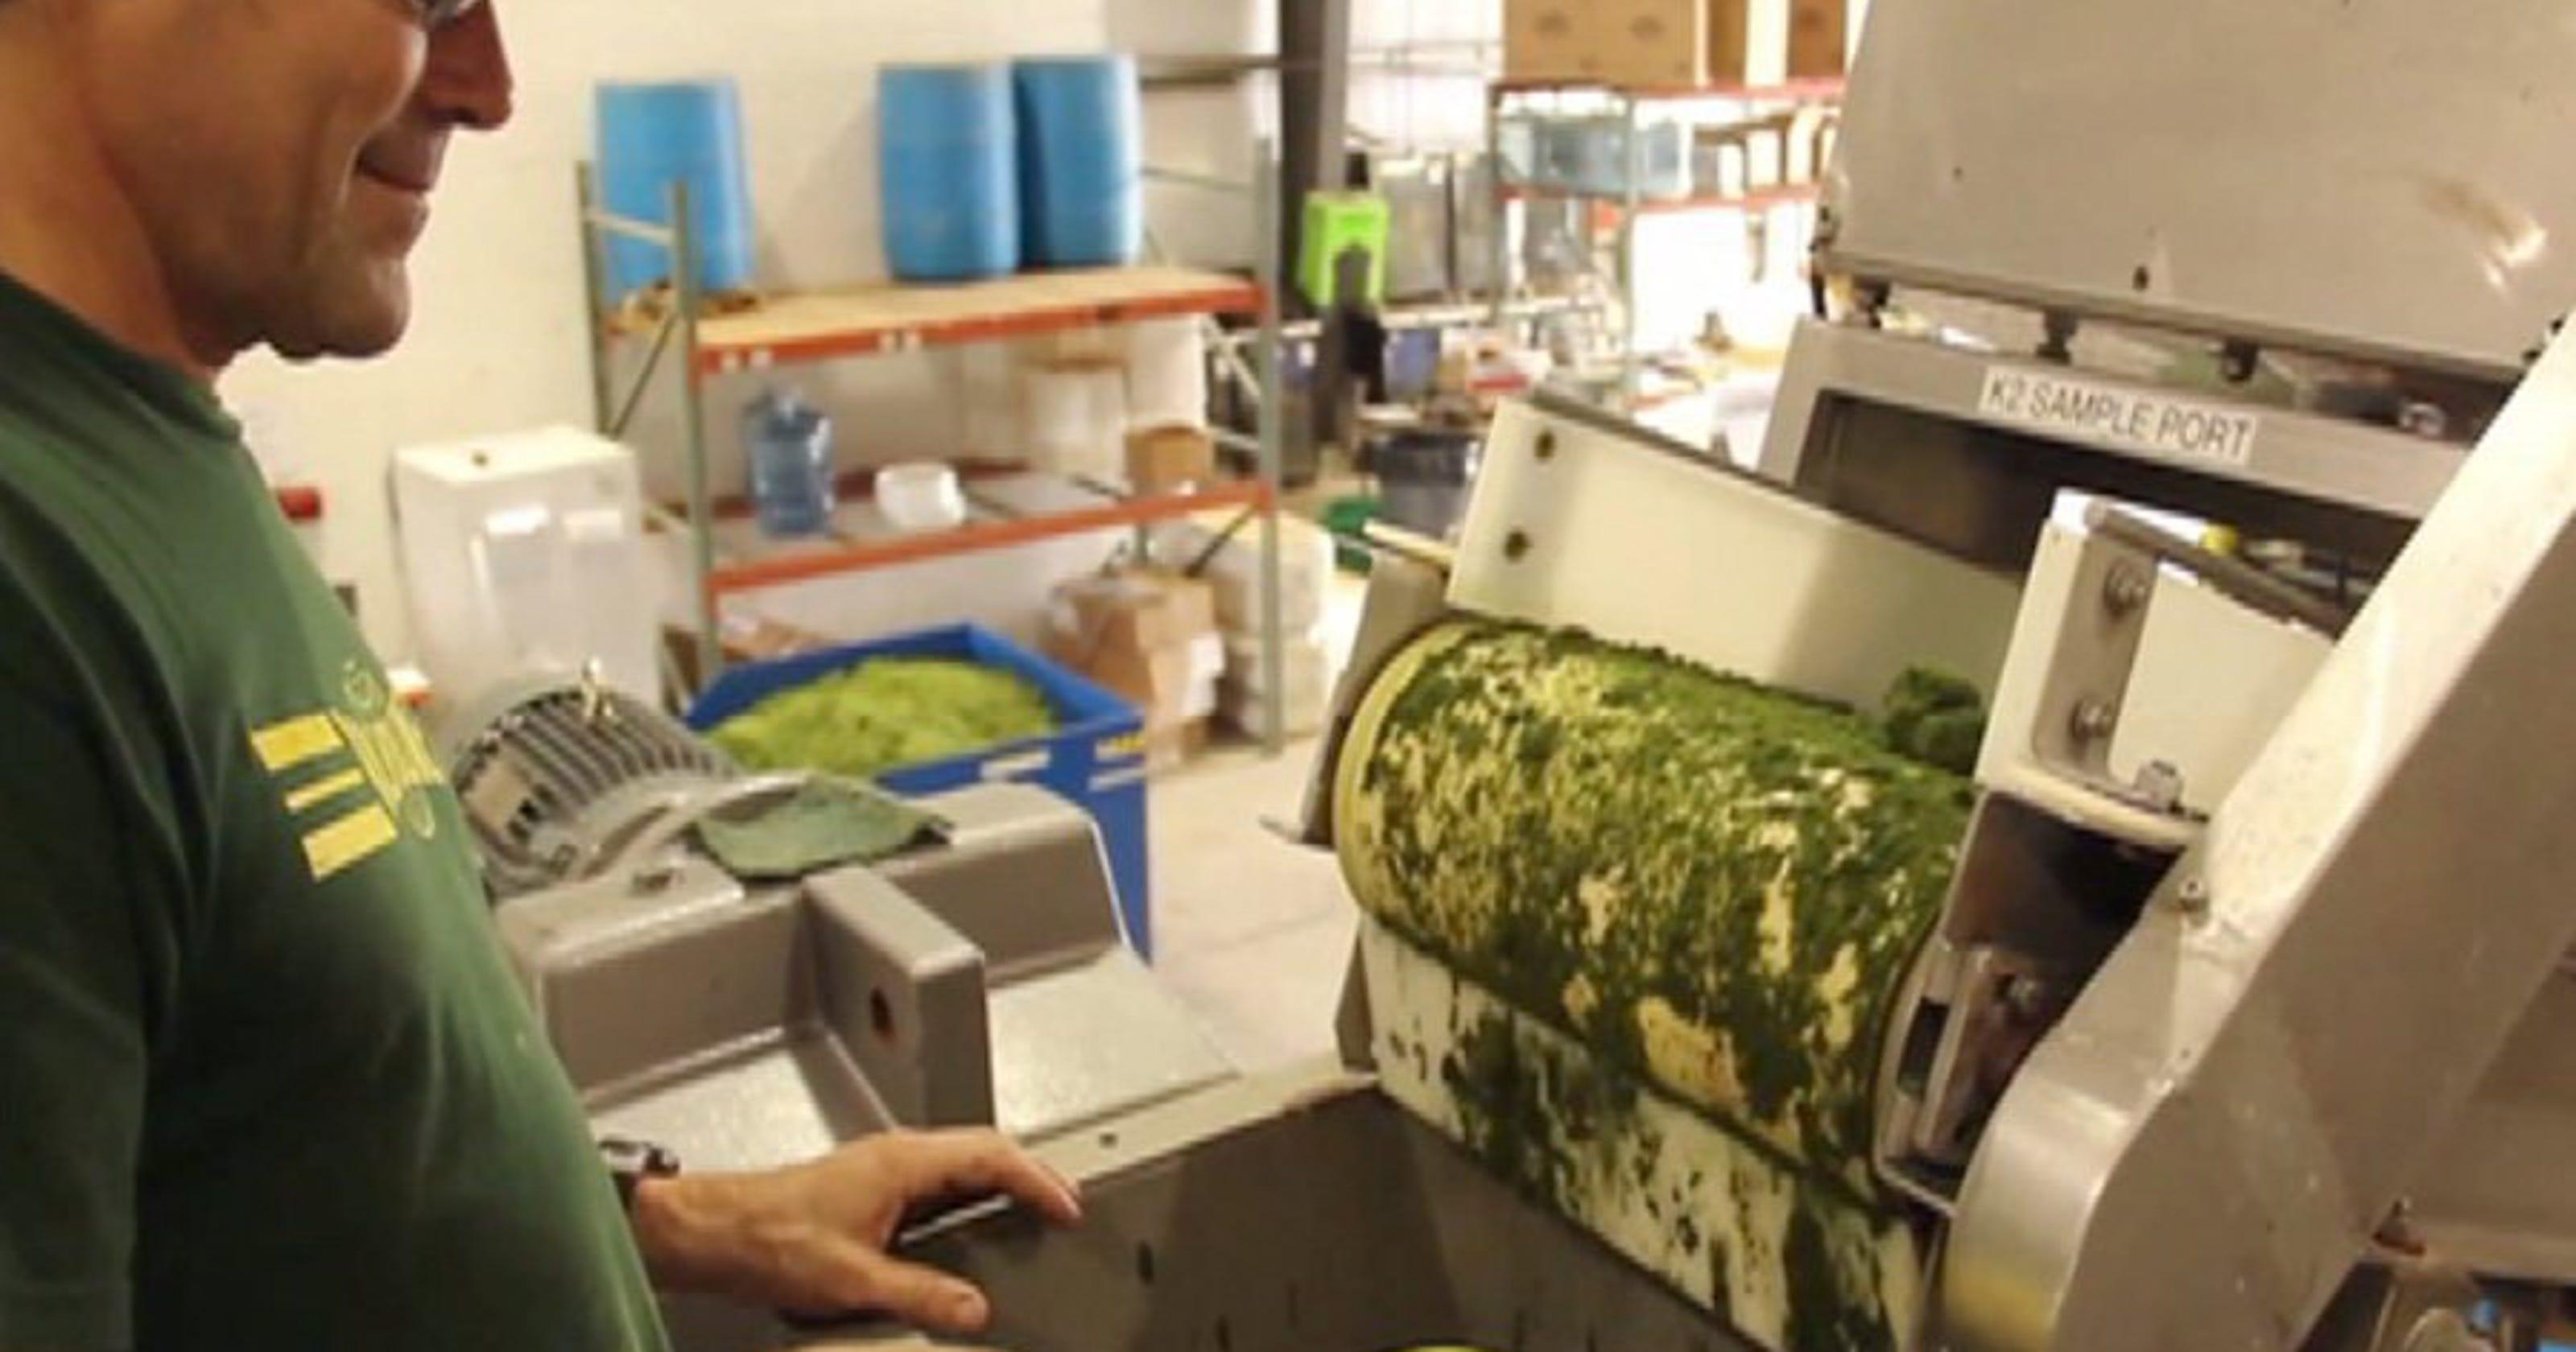 Aquaculture plant could bring 170 jobs to Fellsmere